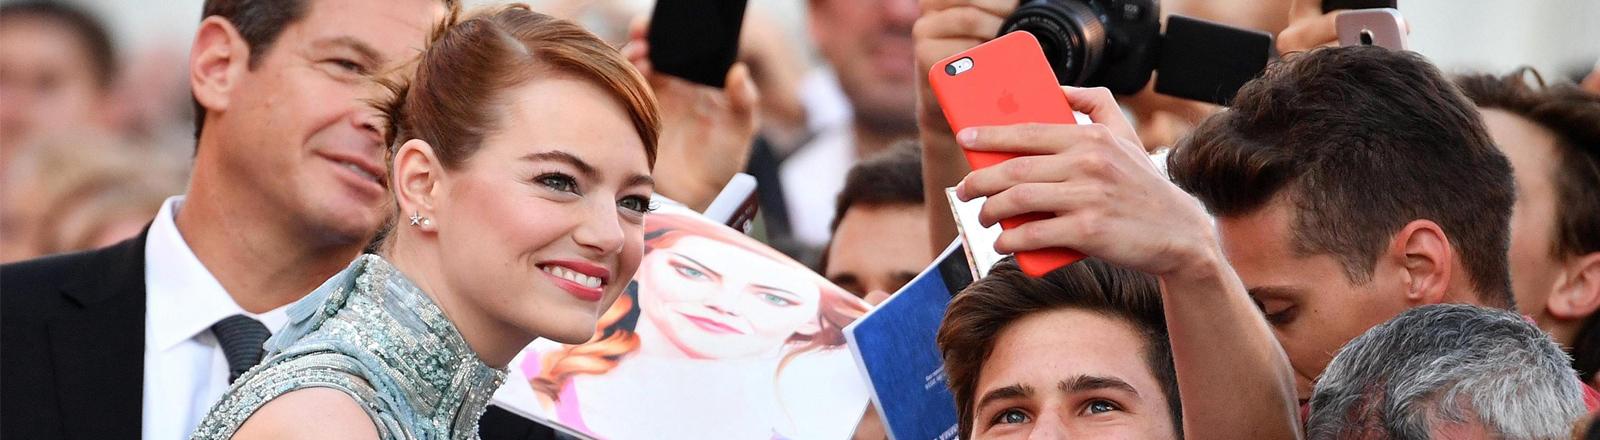 Emma Stone bei den Filmfestspielen in Venedig